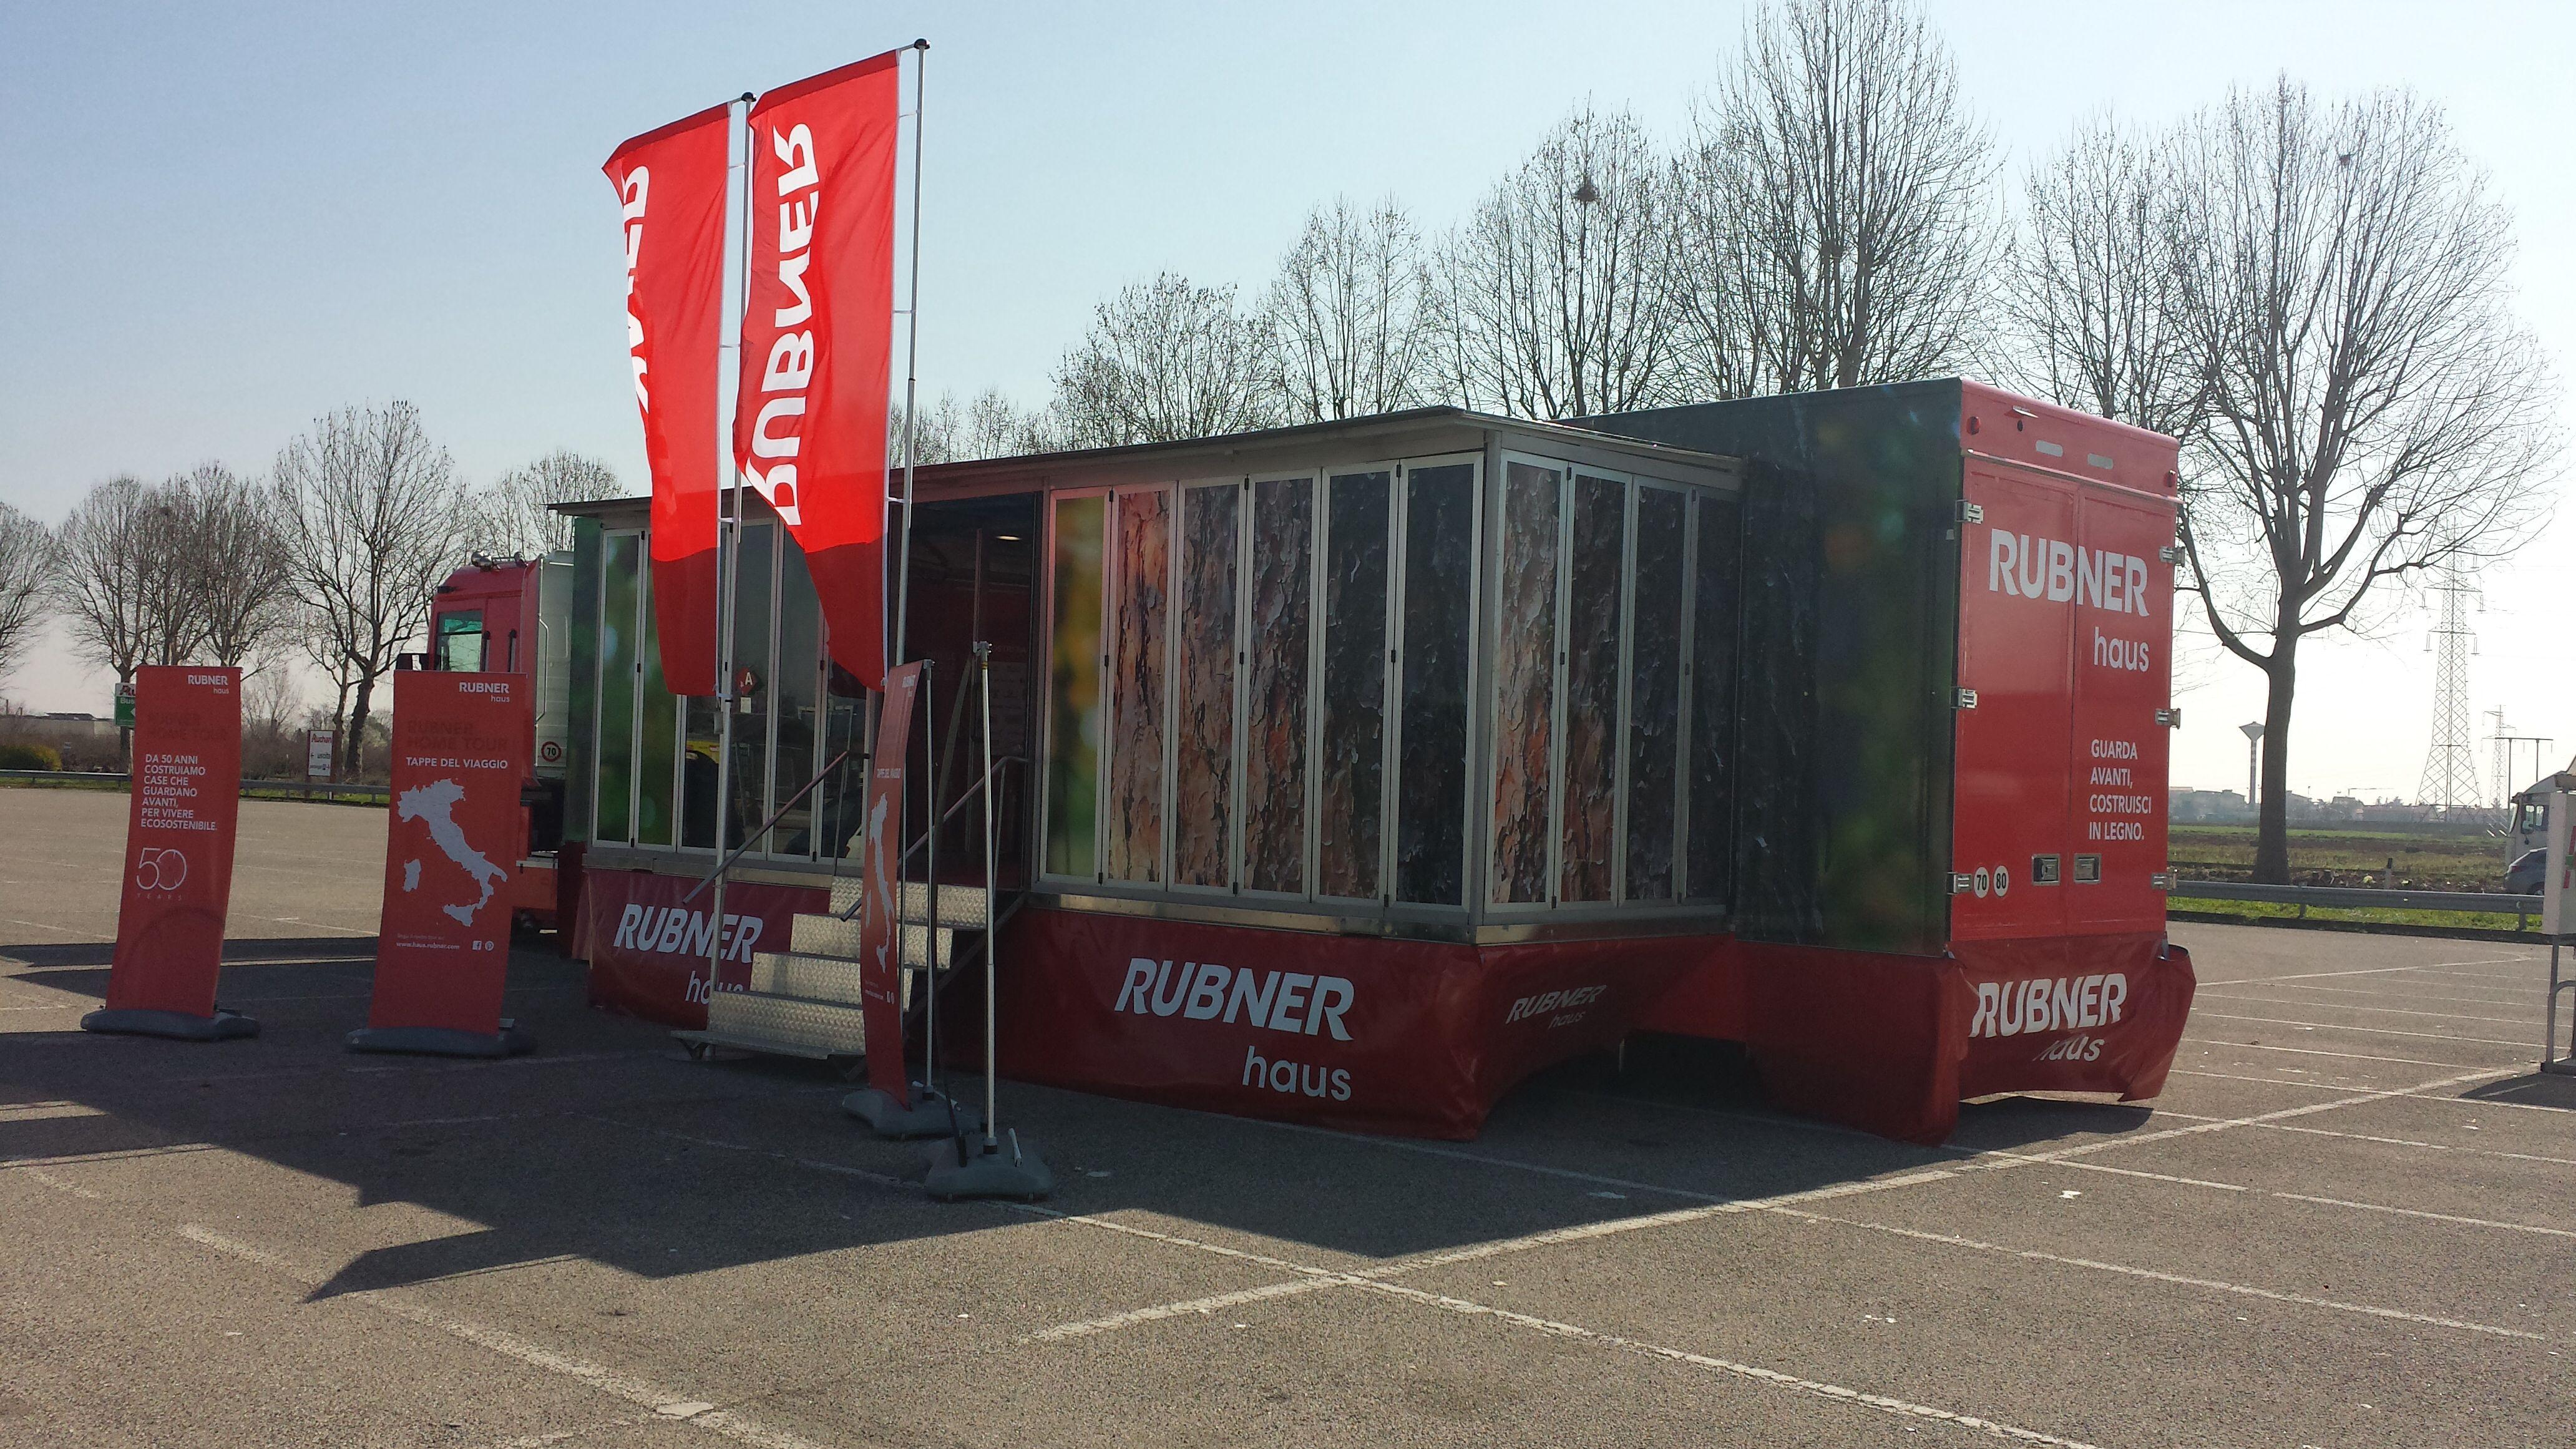 Oggi e domani siamo a Bussolengo davanti all' Auchan in provincia di Verona per la prima tappa del nostro Home Tour a bordo del nostro #RubnerTruck